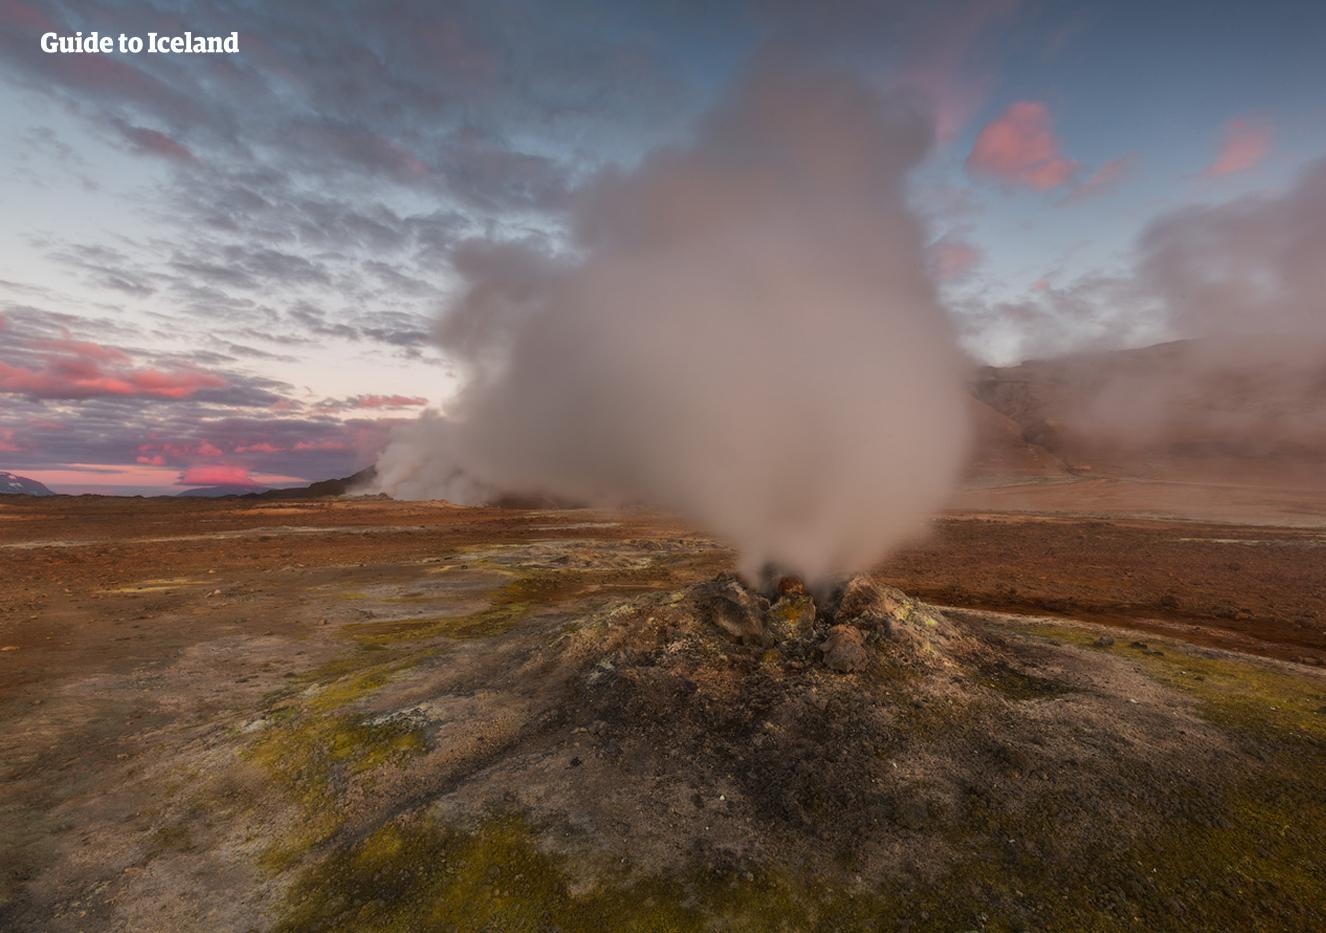 Para wynurzająca się z otworu wentylacyjnego w obszarze geotermalnym w pobliżu jeziora Mývatn w północnej Islandii.